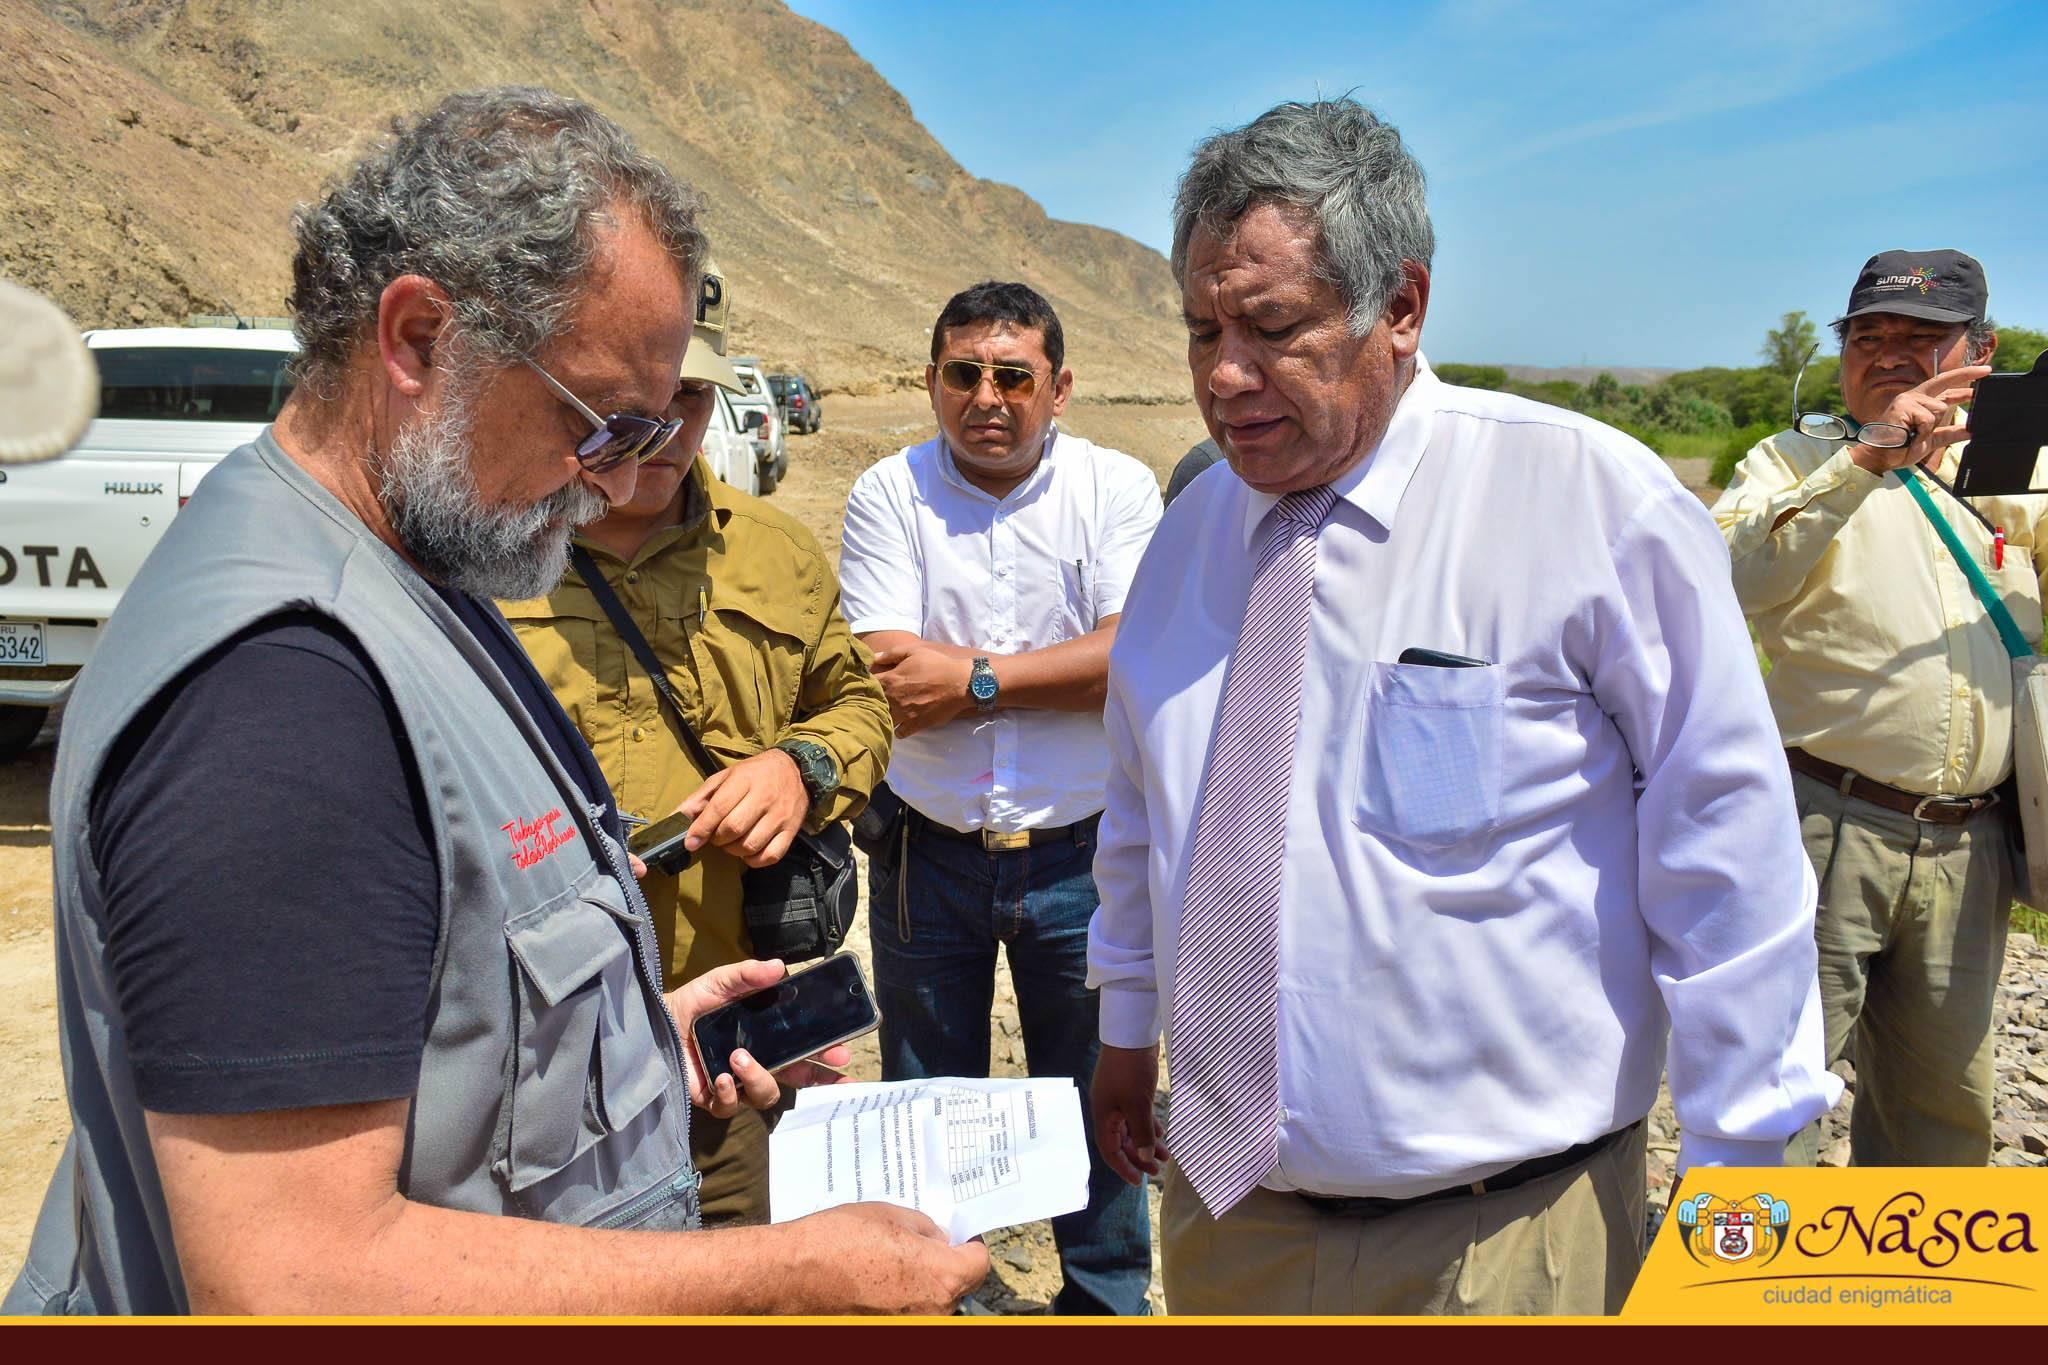 aa23b1bb111e6 VICEMINISTRO DEL INTERIOR Y ALCALDE CANALES EVALUARON DAÑOS EN CHANGUILLO Y  EL INGENIO El vice ministro del Interior